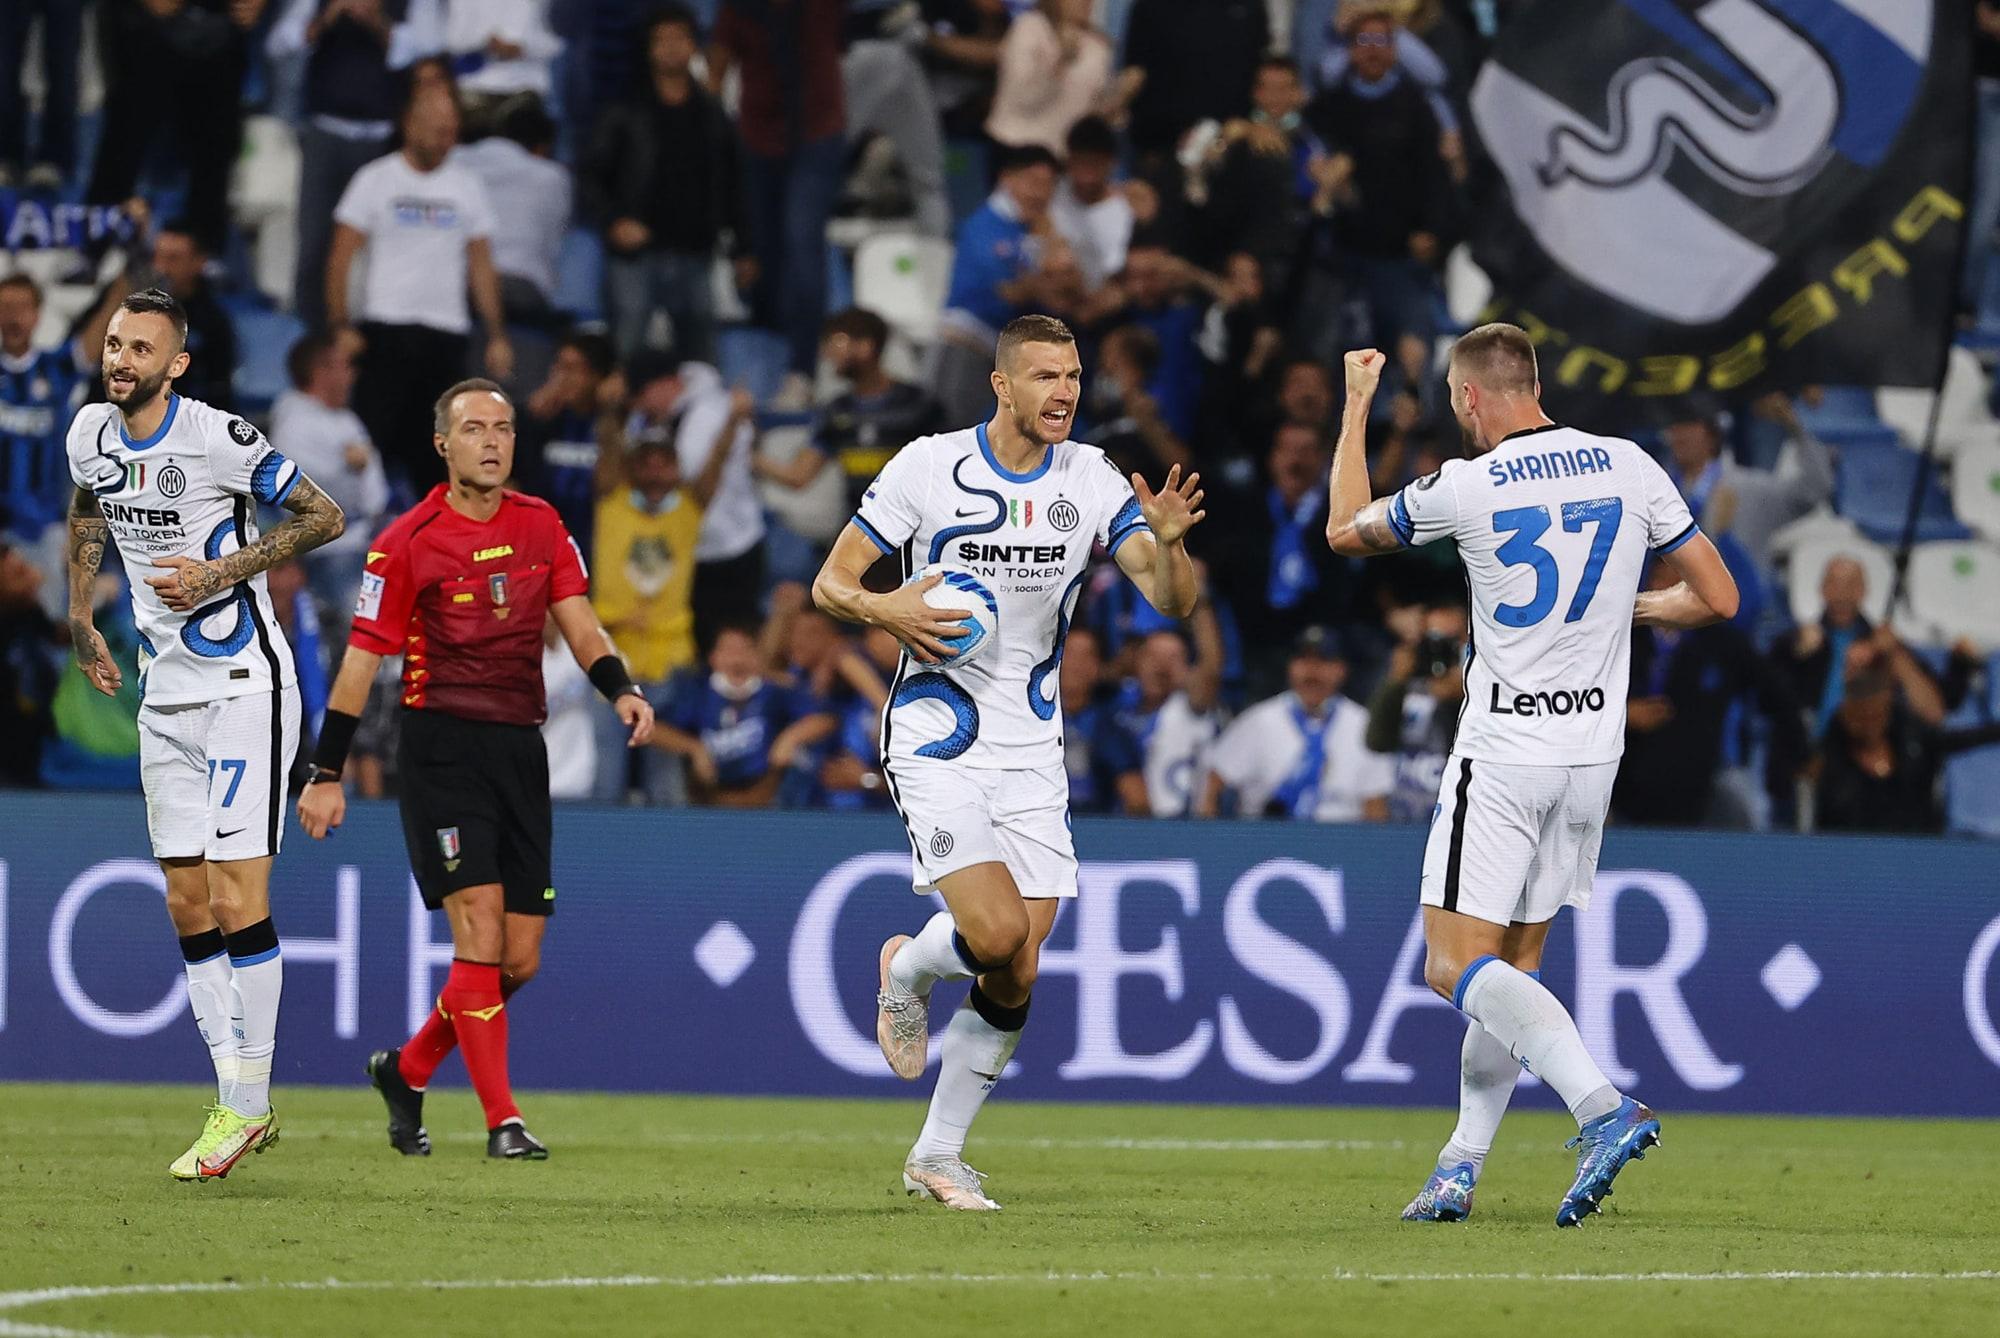 Dzeko show trascina l'Inter alla rimonta: Sassuolo battuto 2-1